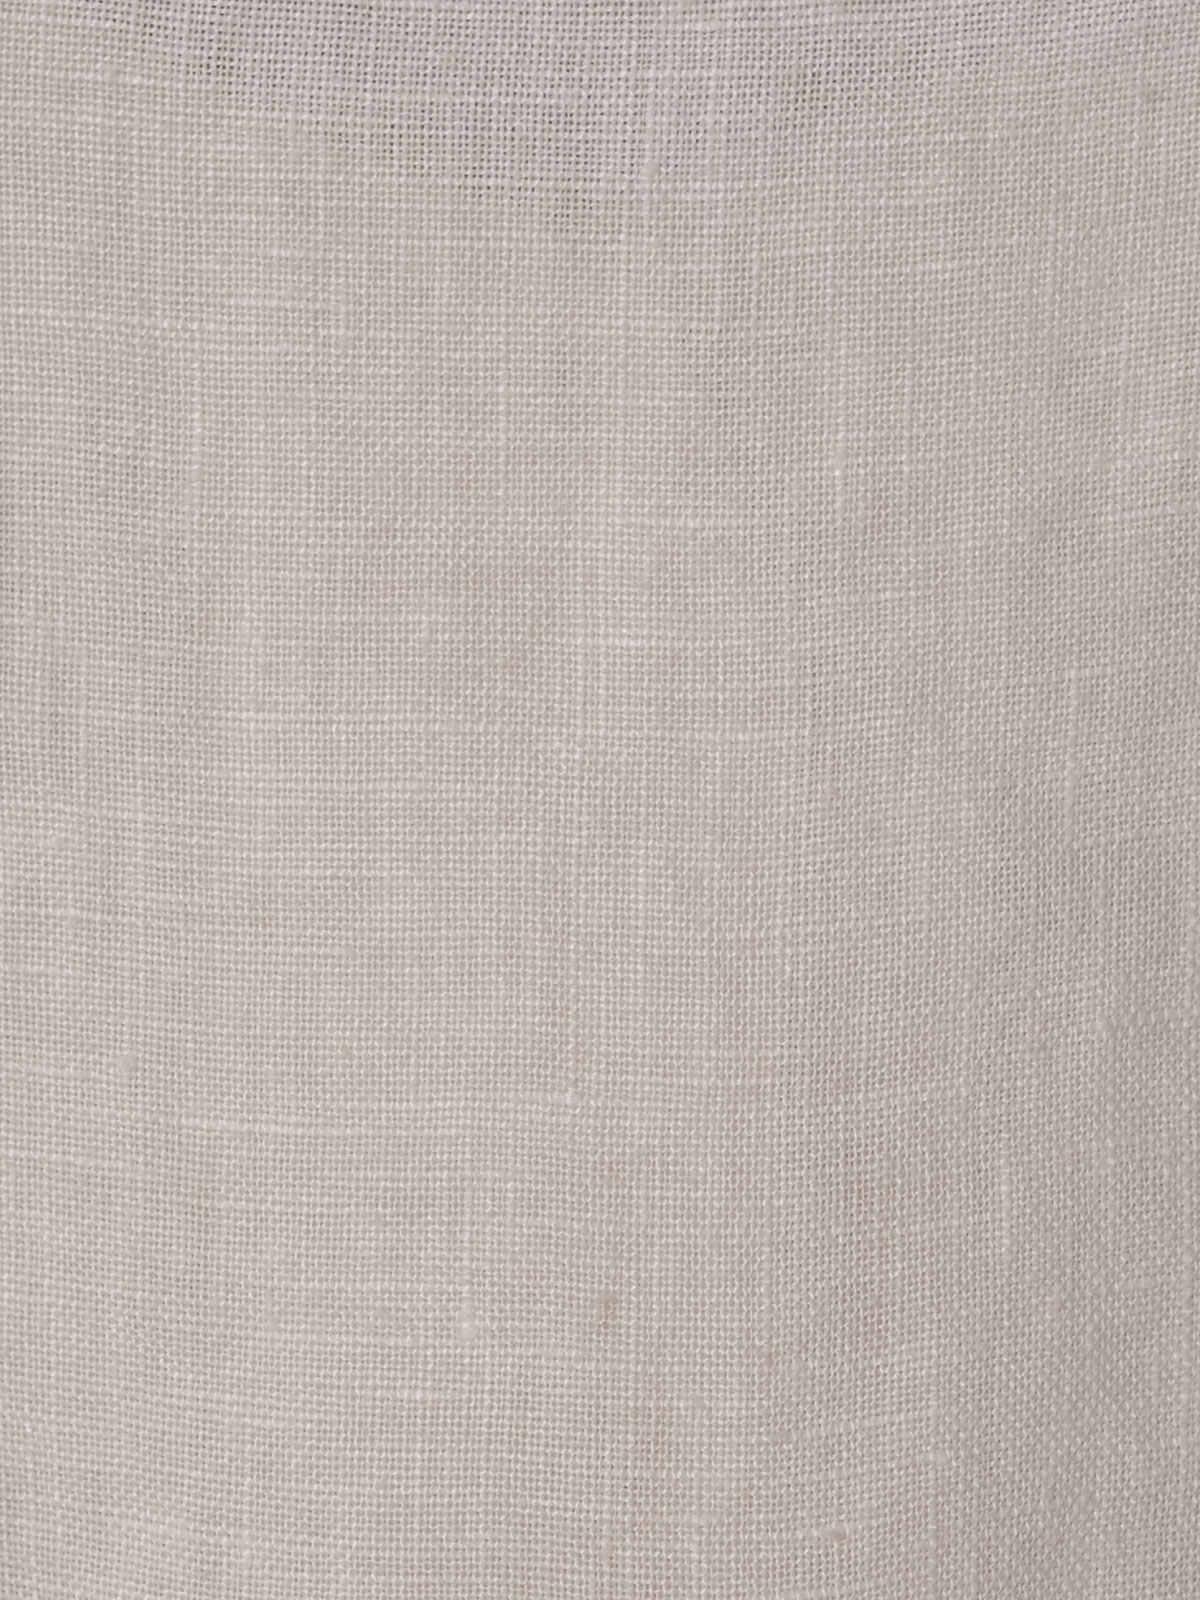 Camisa de lino mujer cuello mao Blanco